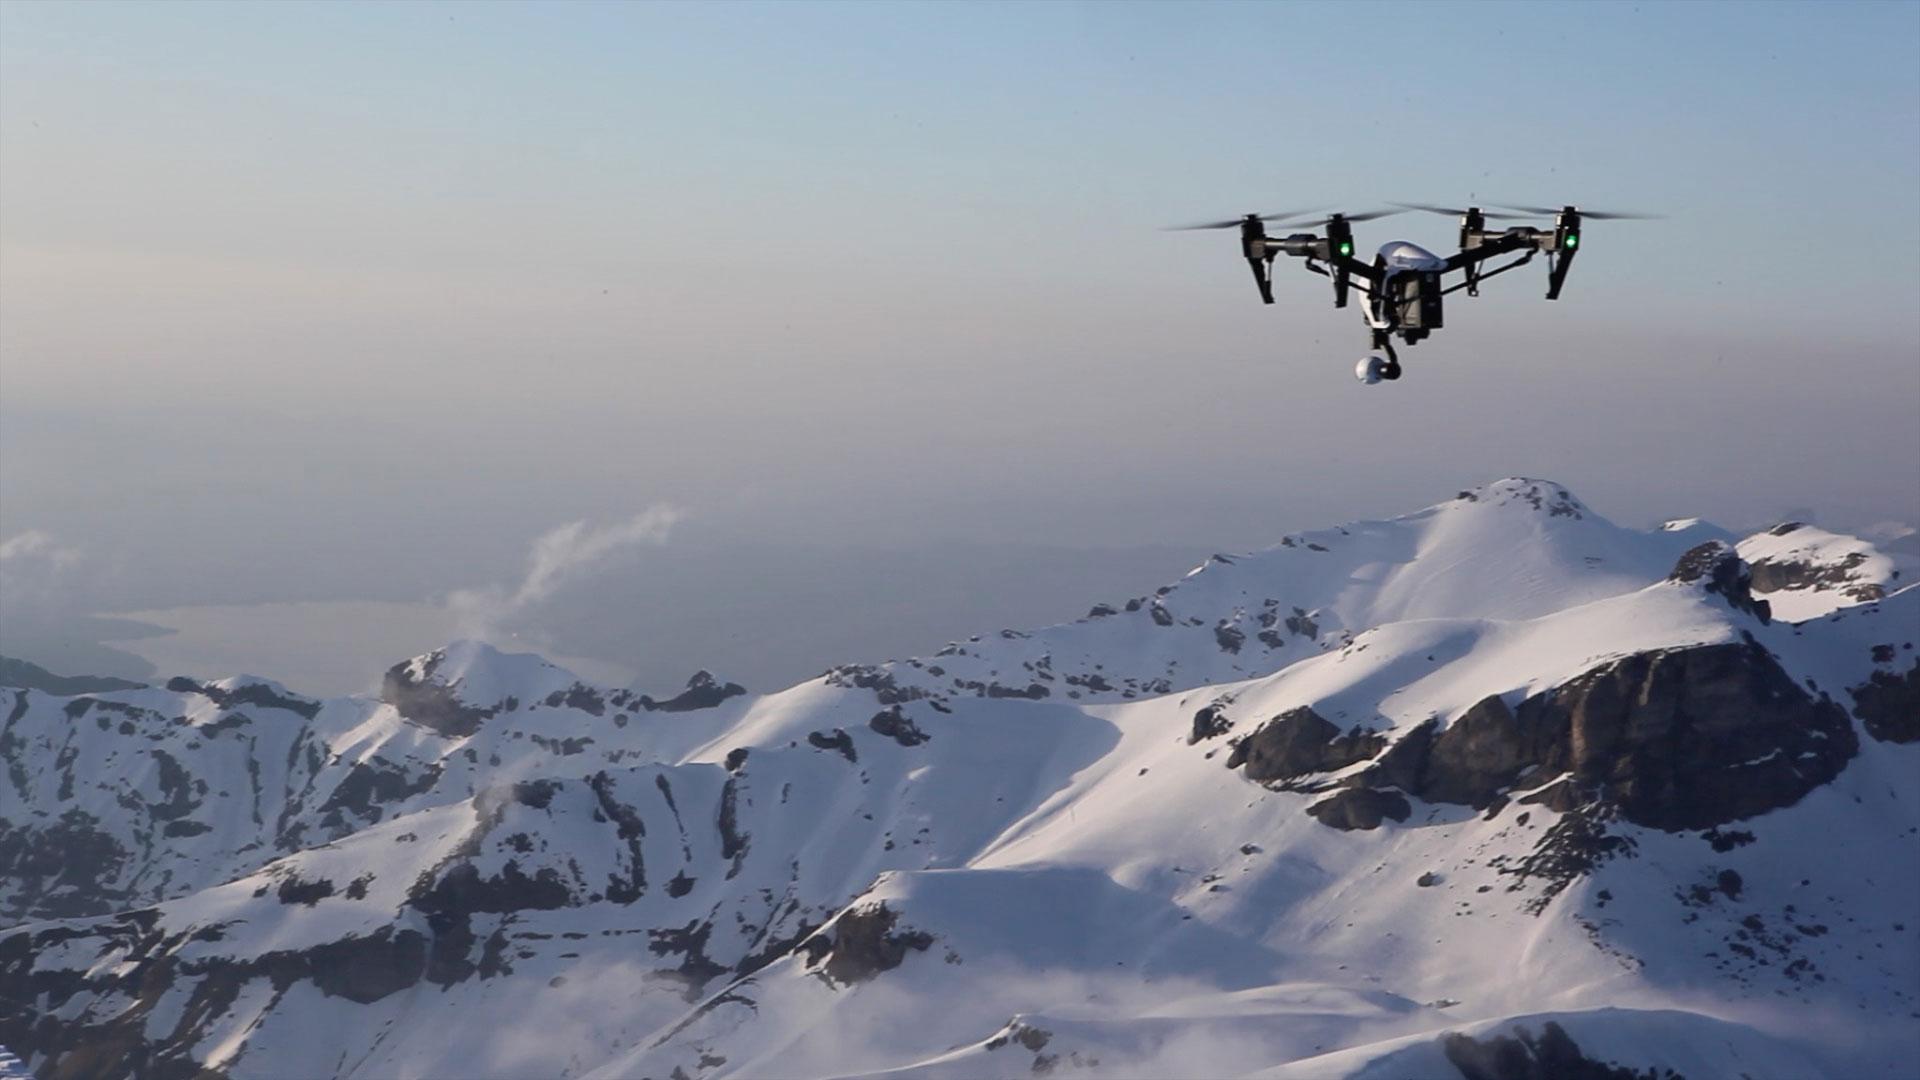 volar drones sobre la nieve